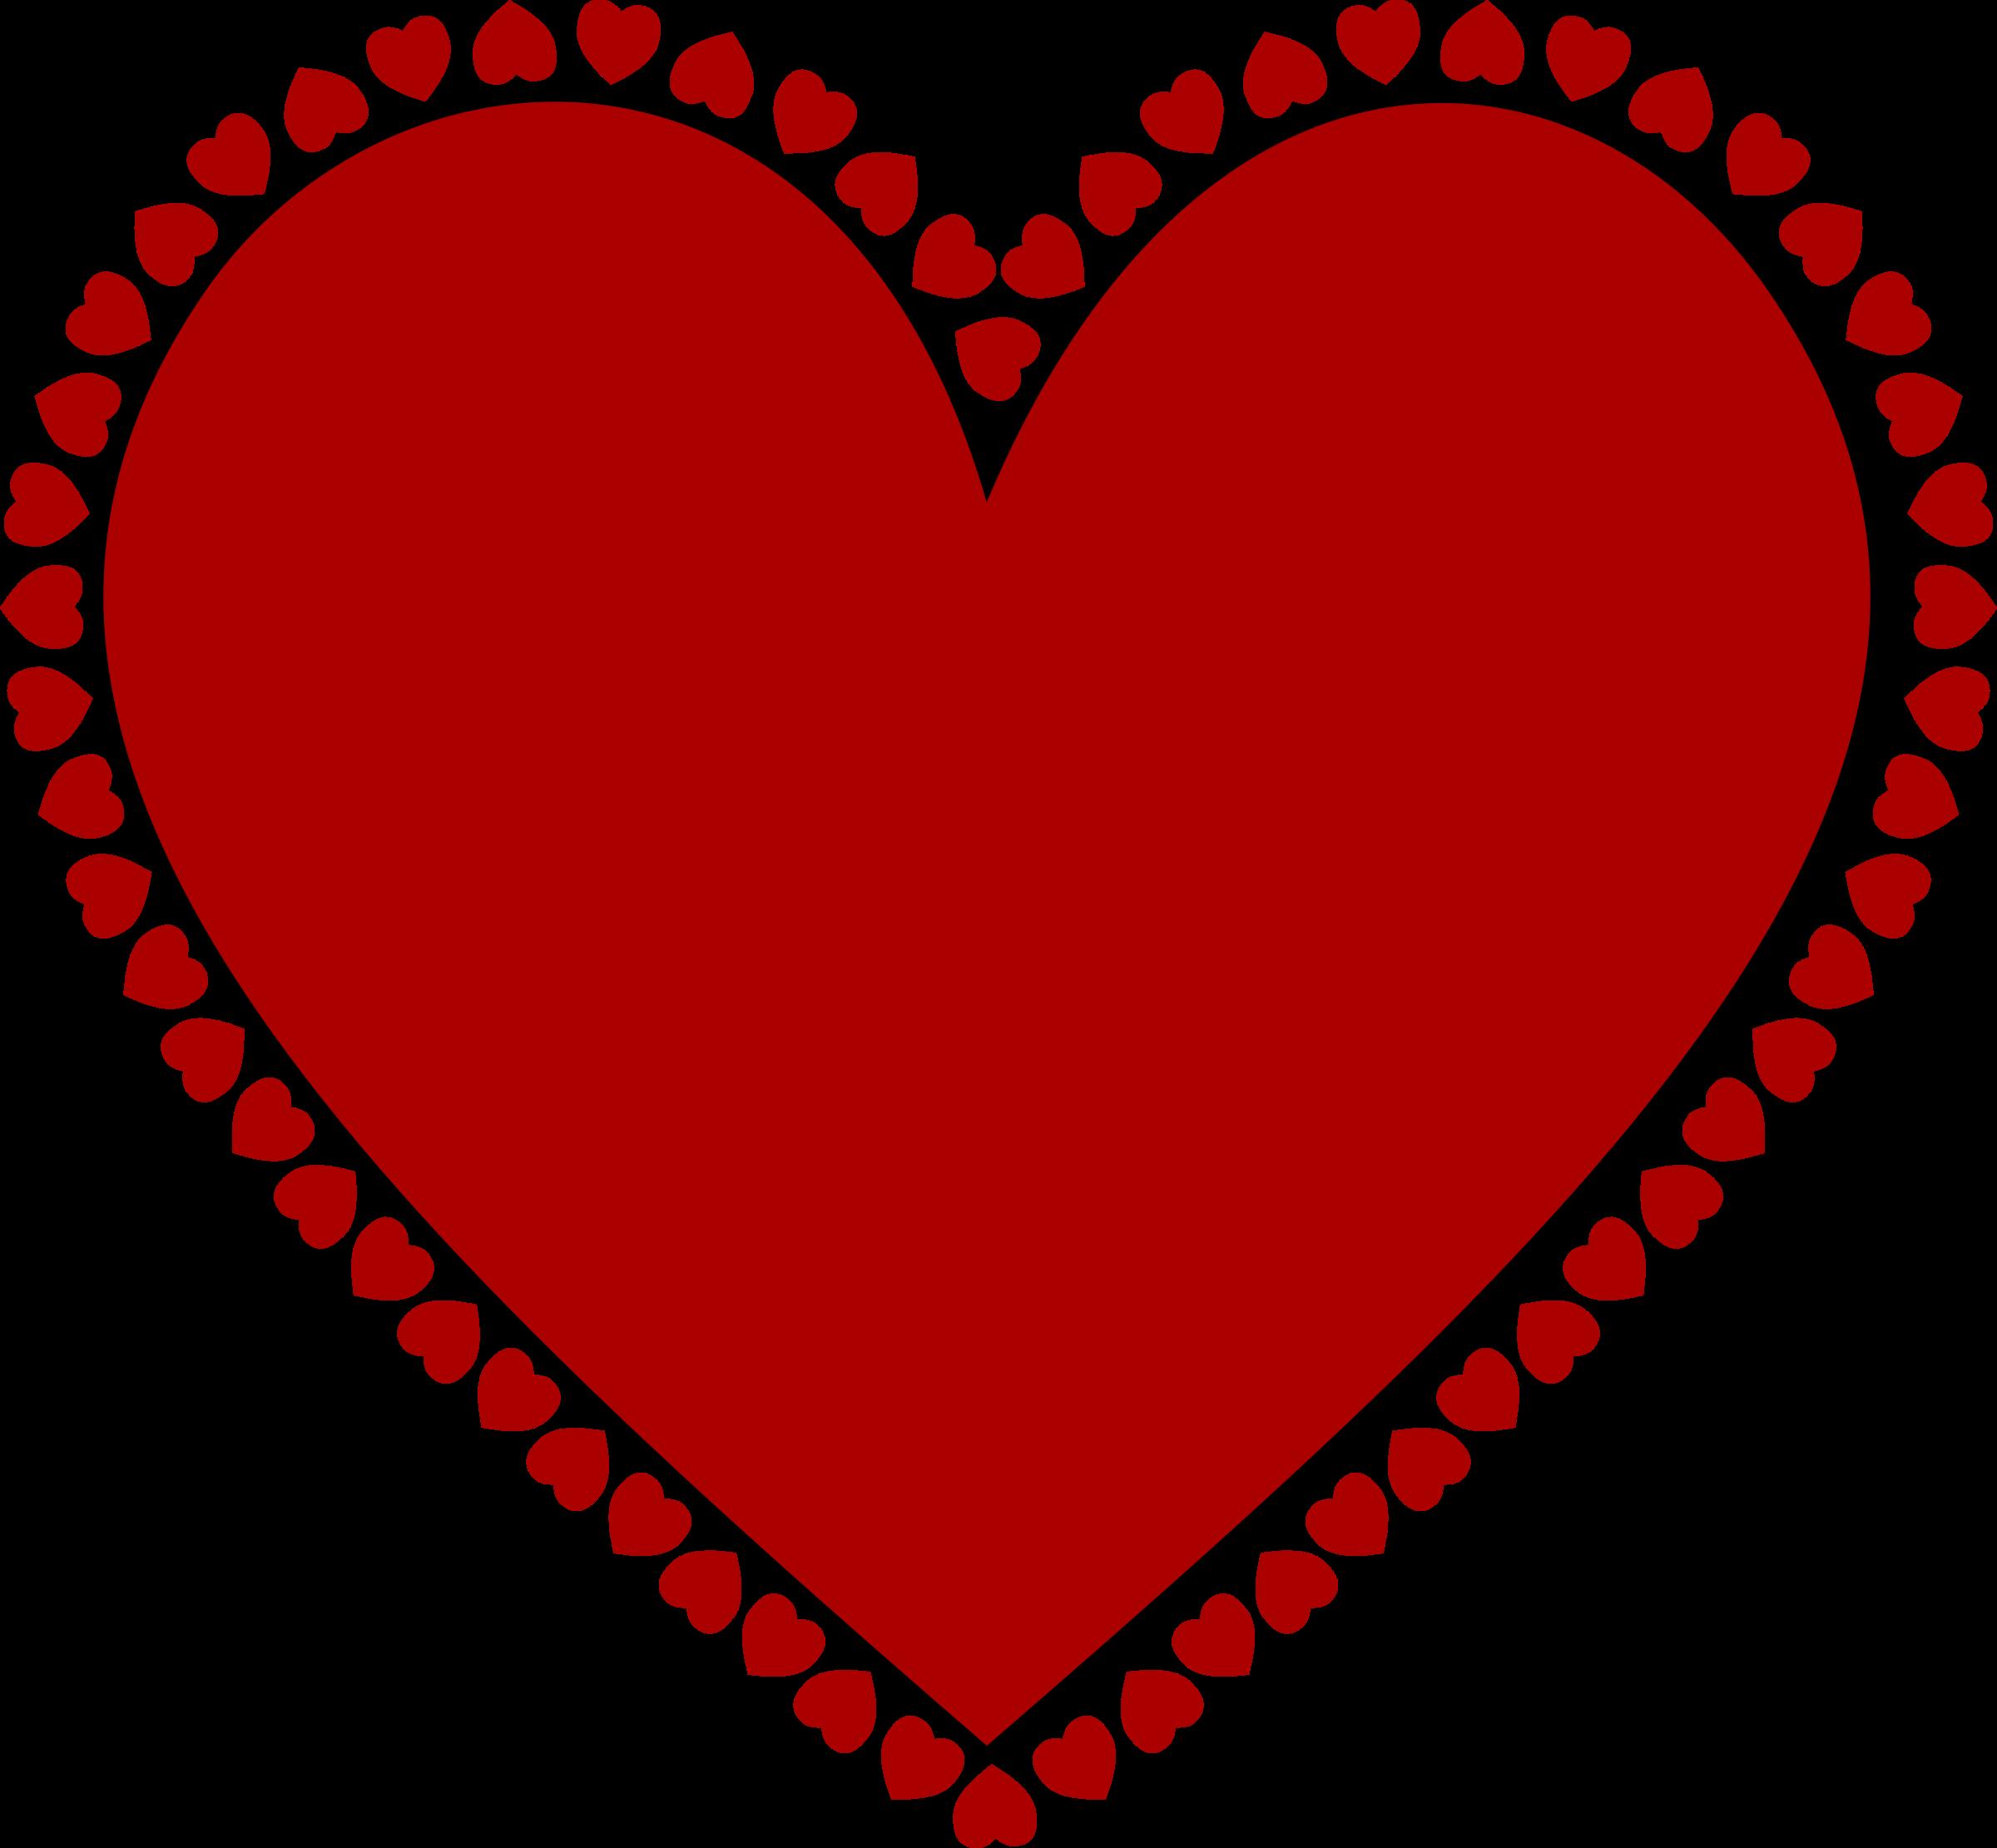 PNG HD Hearts - 124749